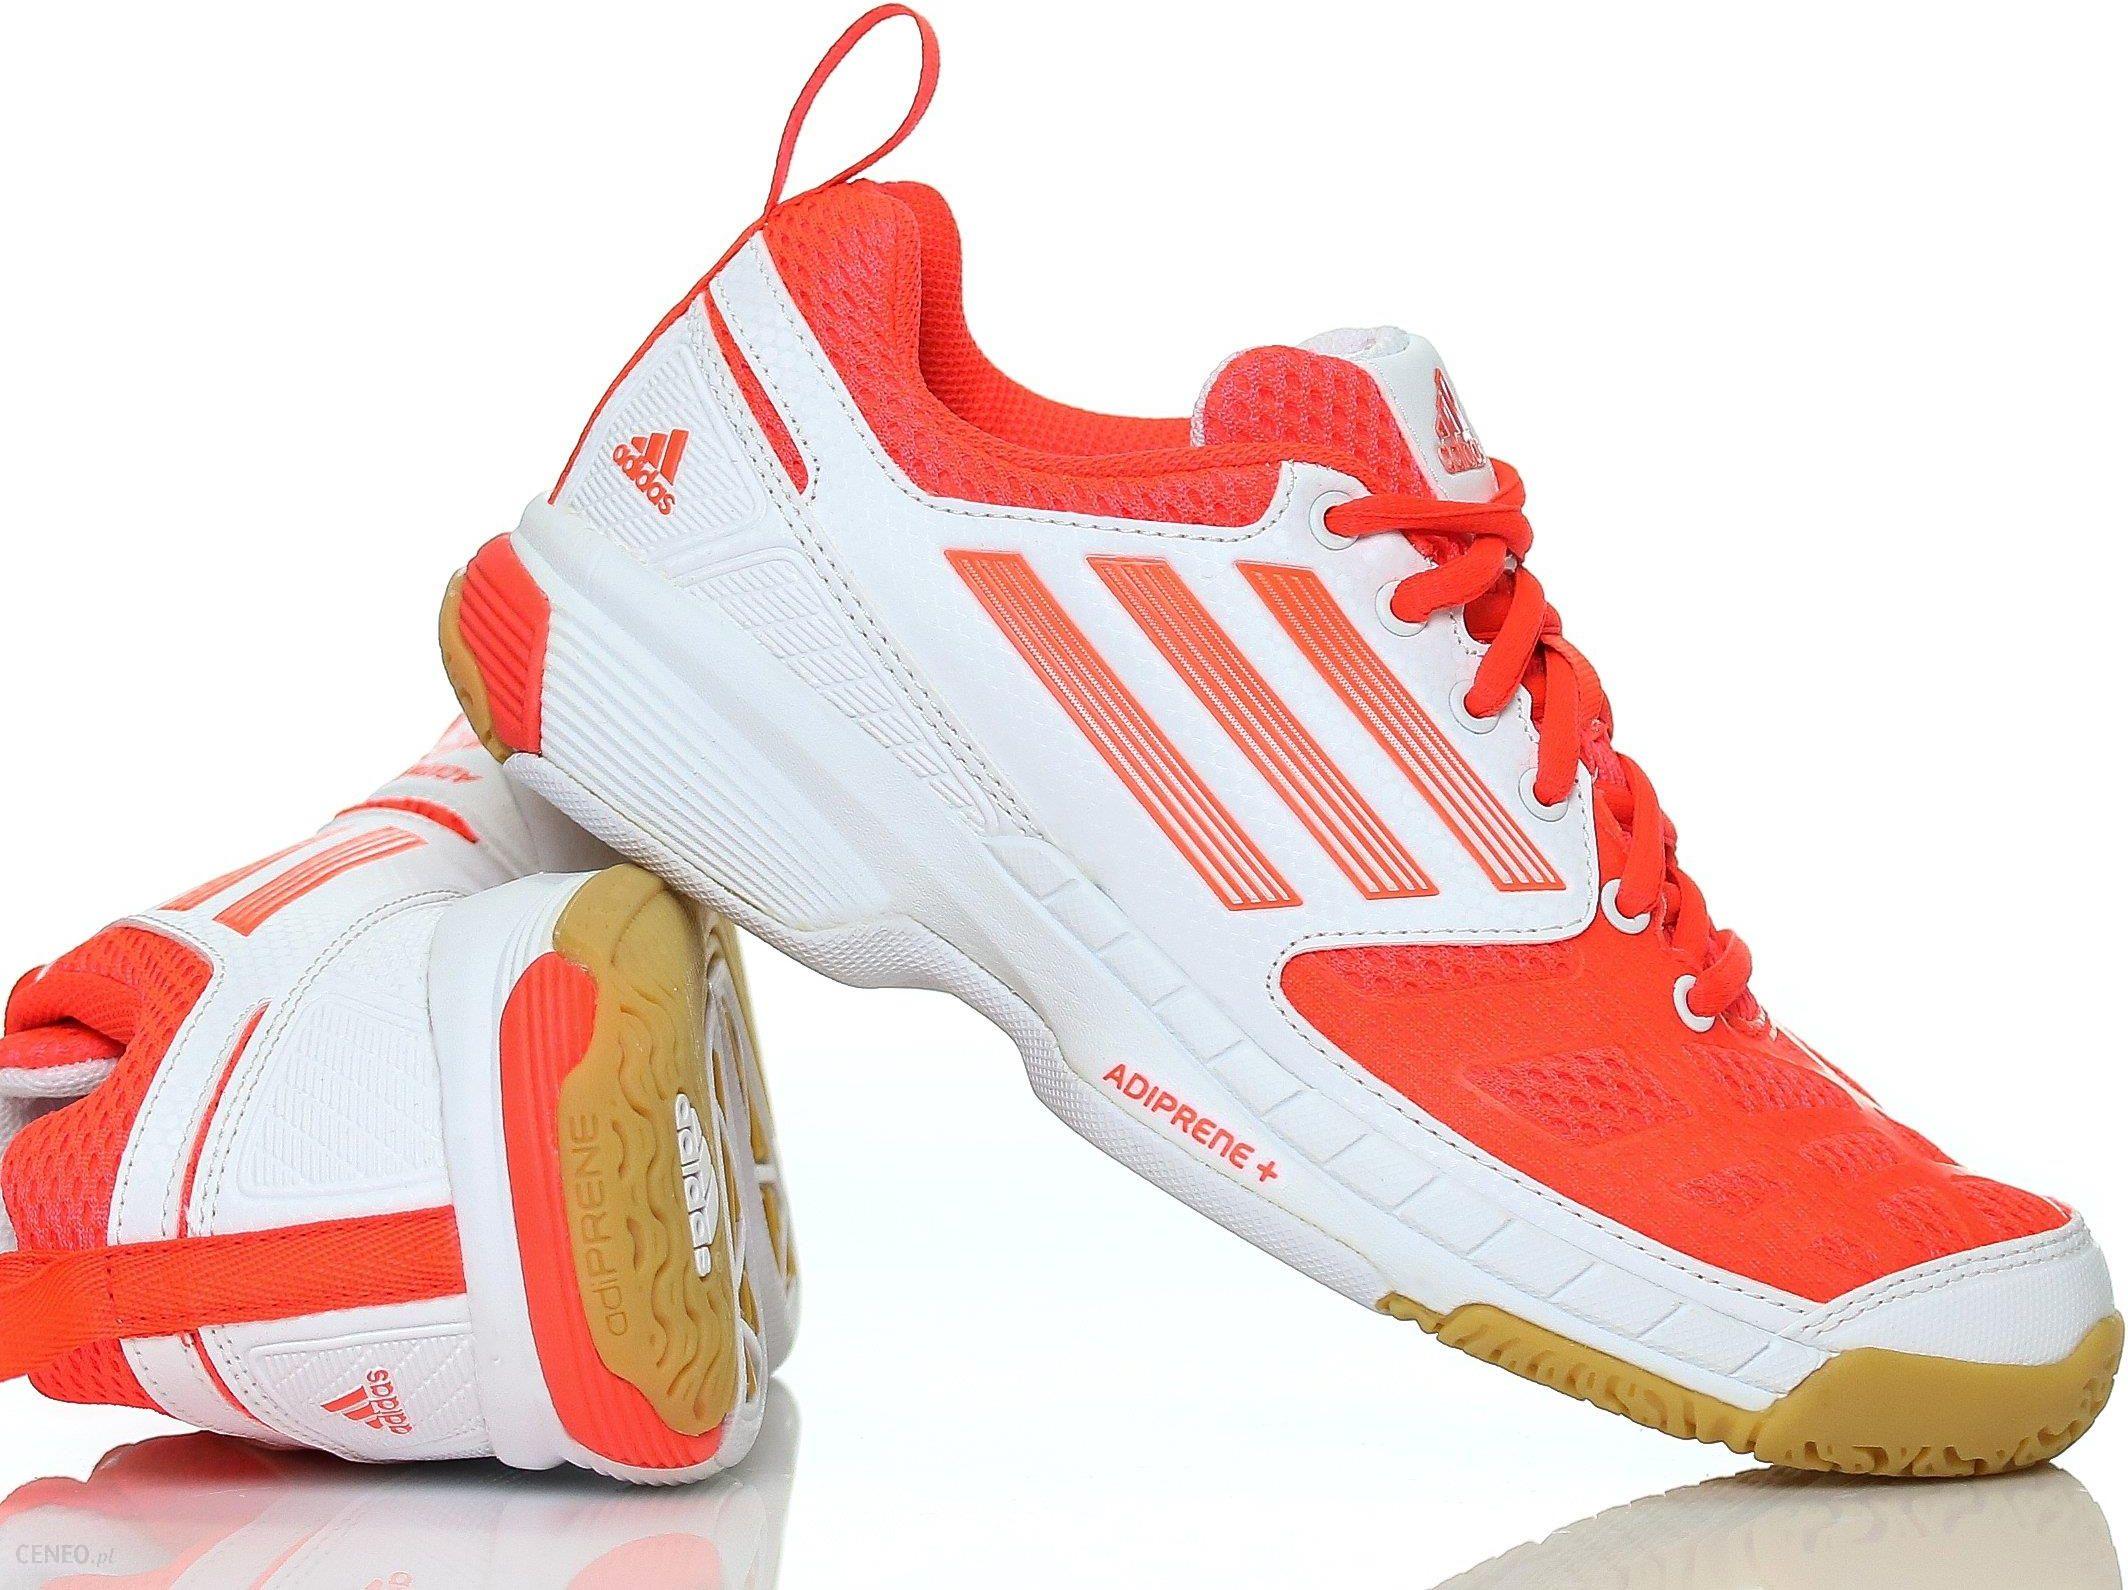 Buty Adidas Feather Elite 2 W G96452 r.36 23 W f Ceny i opinie Ceneo.pl